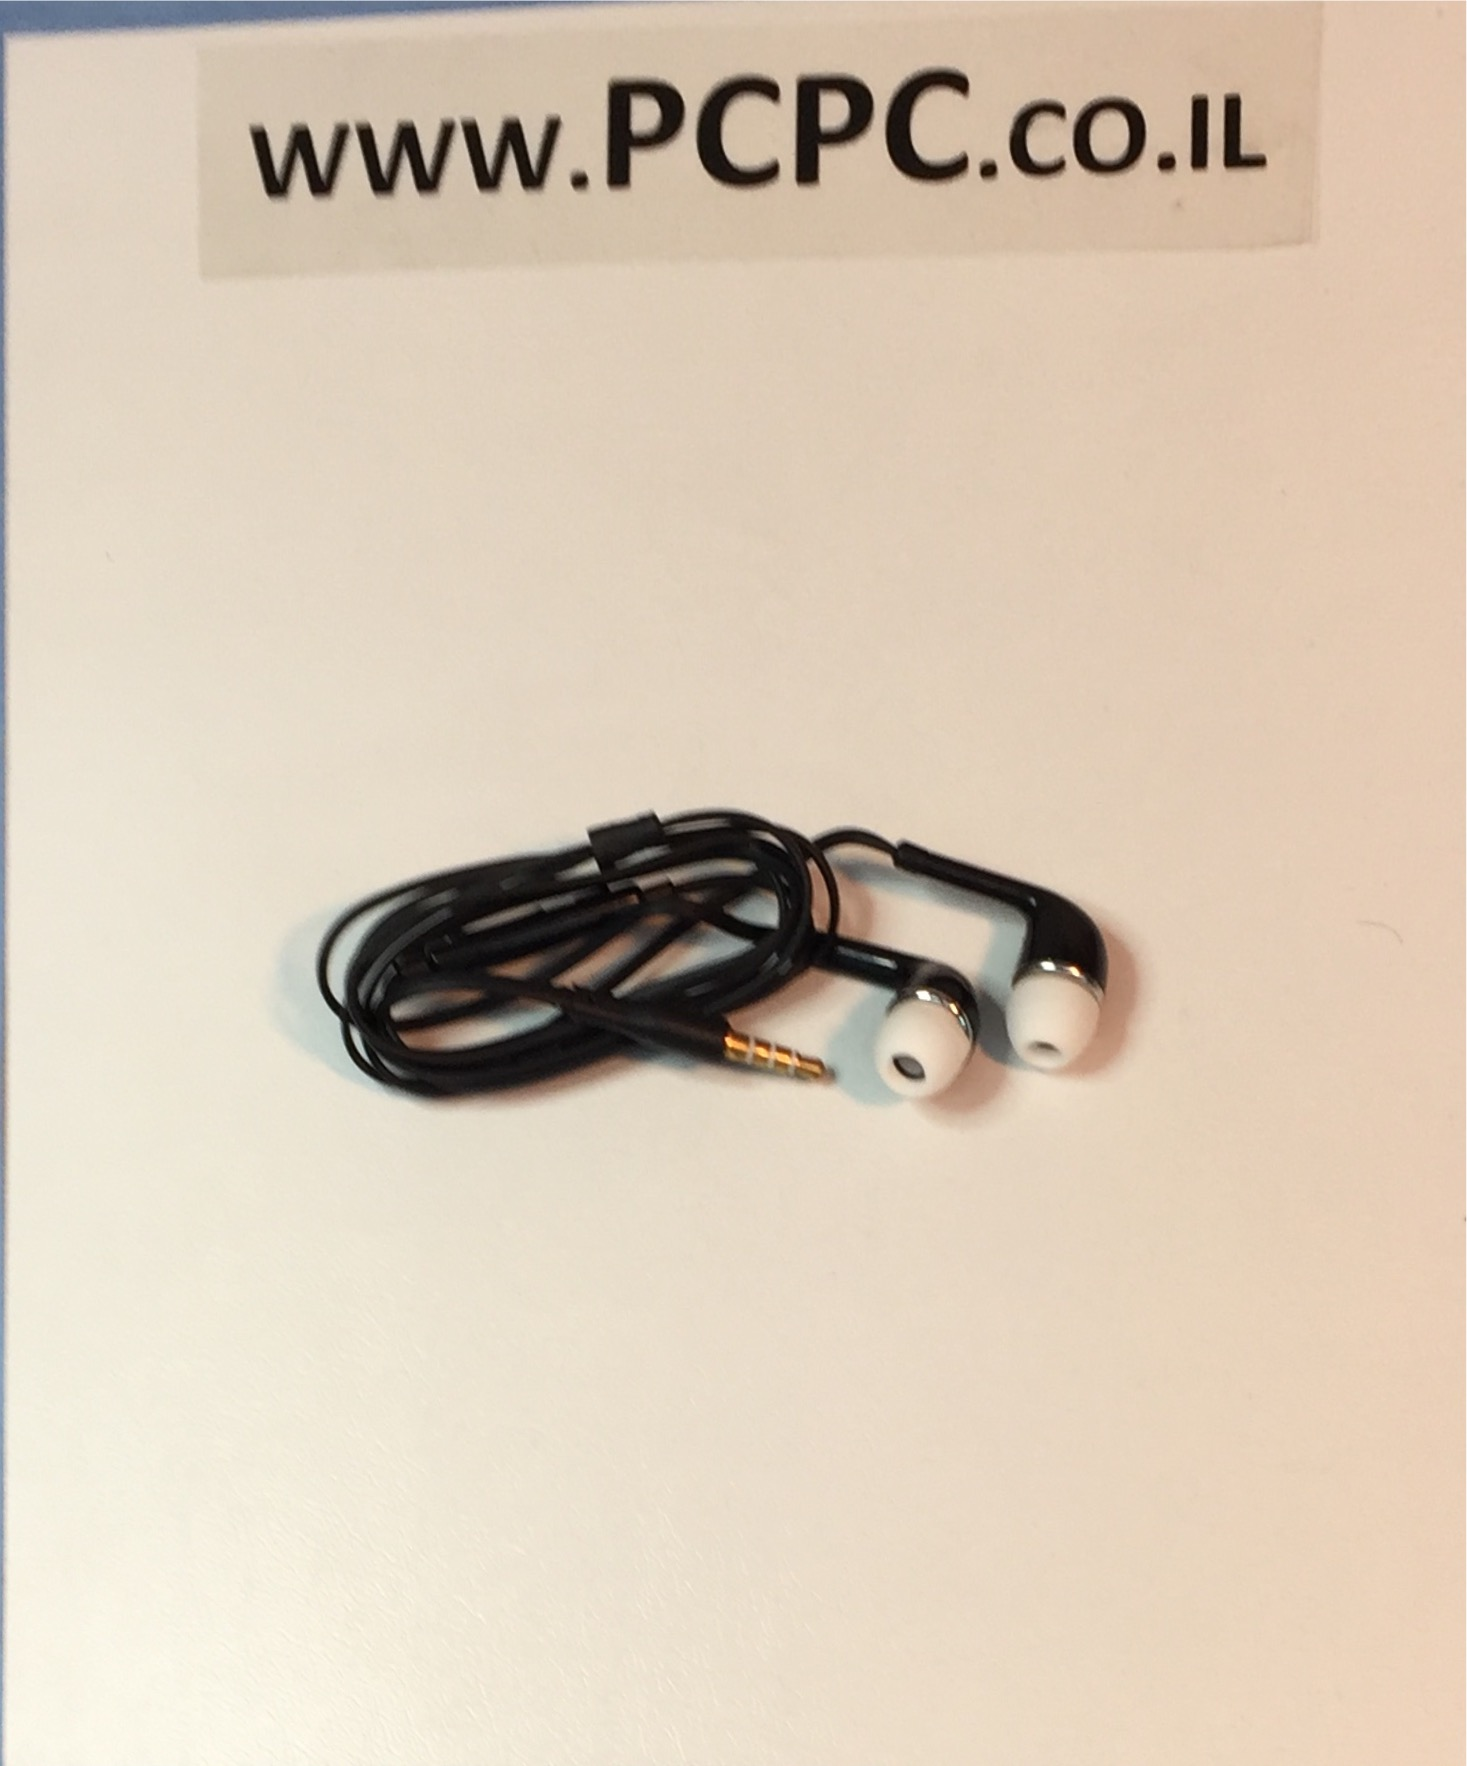 אוזניות עם מיקרופון לסלולר  סיליקון   J5